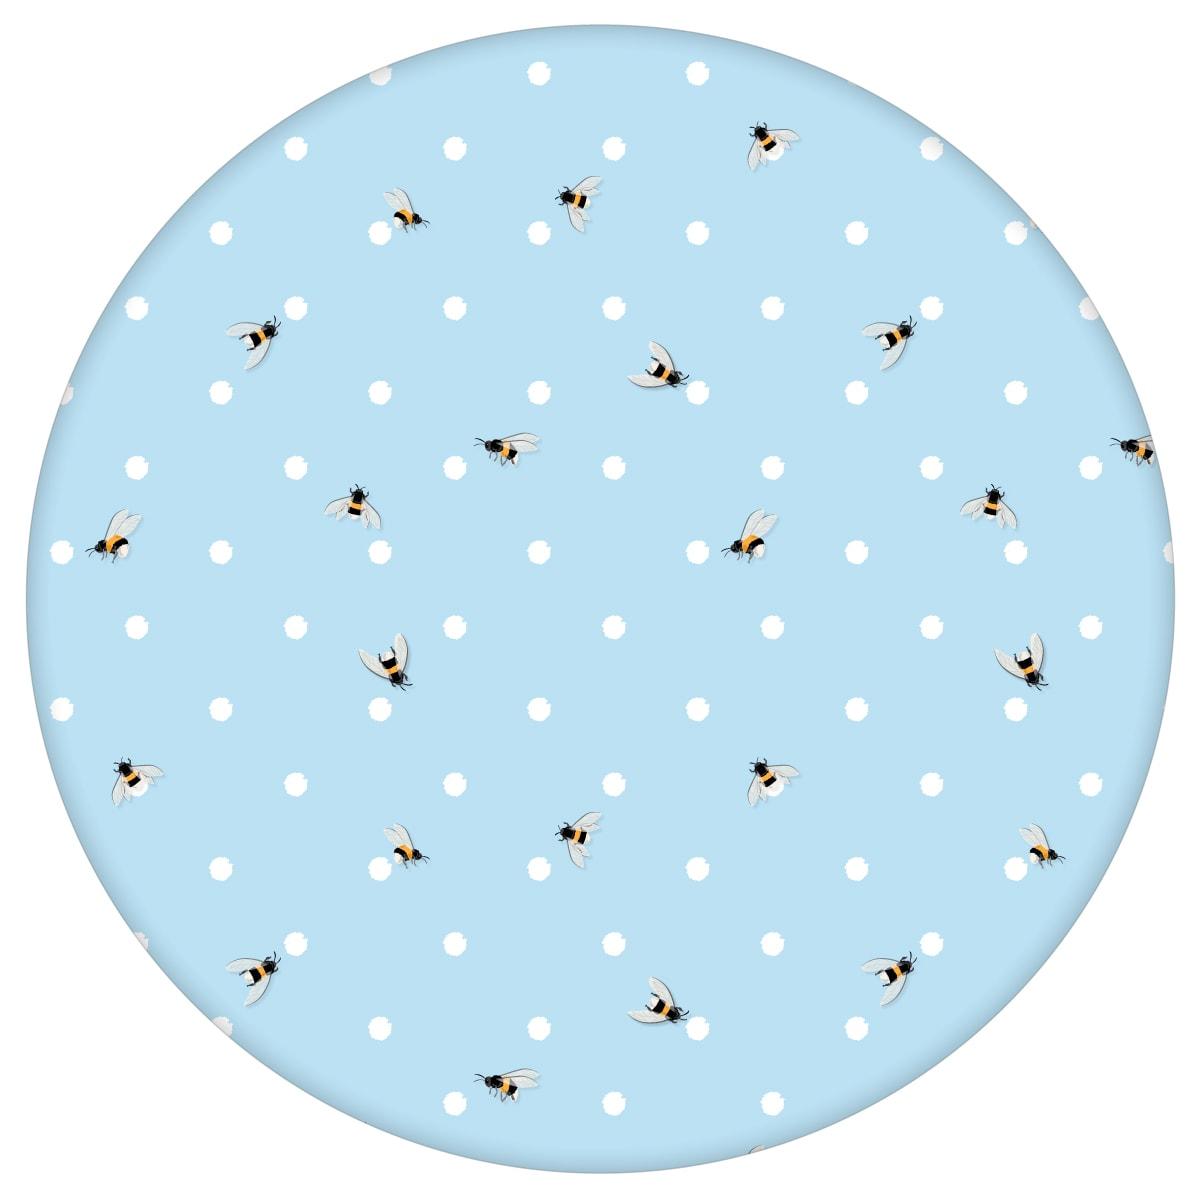 """Moderne Tapete """"Polka Bee"""" mit Bienen & Punkten, hellblaue Vlies-Tapete schöne Wandtapete für Schlafzimmeraus dem GMM-BERLIN.com Sortiment: blaue Tapete zur Raumgestaltung: #00167 #Biene #Blaue Tapete #hellblau #Insekten #Pünktchen #punkte #schlafzimmer #Tier Tapete #tiere für individuelles Interiordesign"""